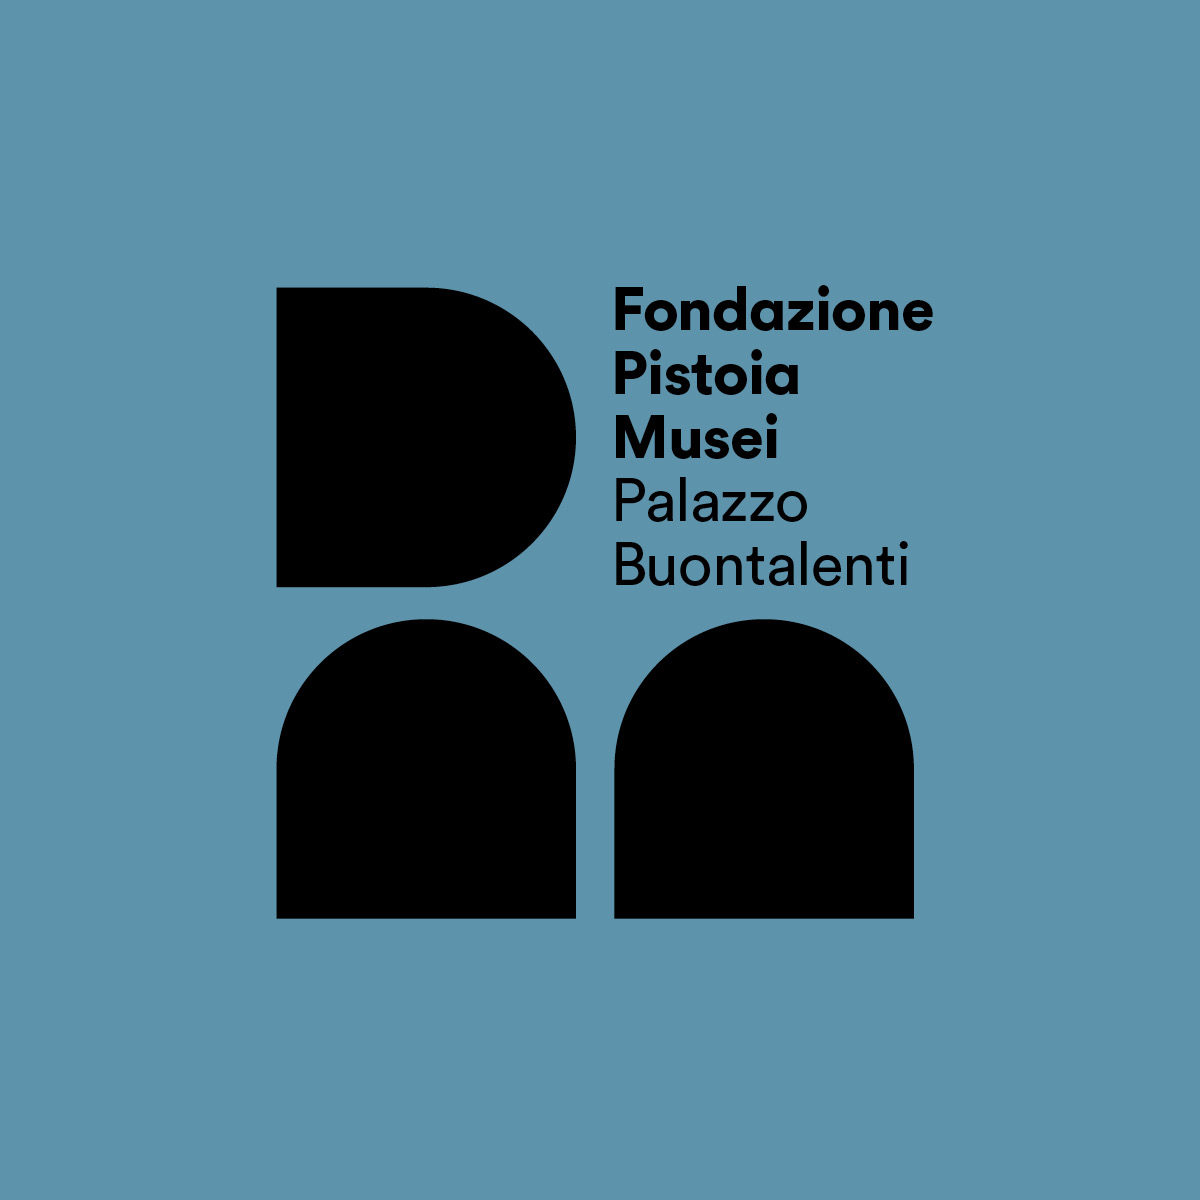 Fondazione-Pistoia-Musei-004